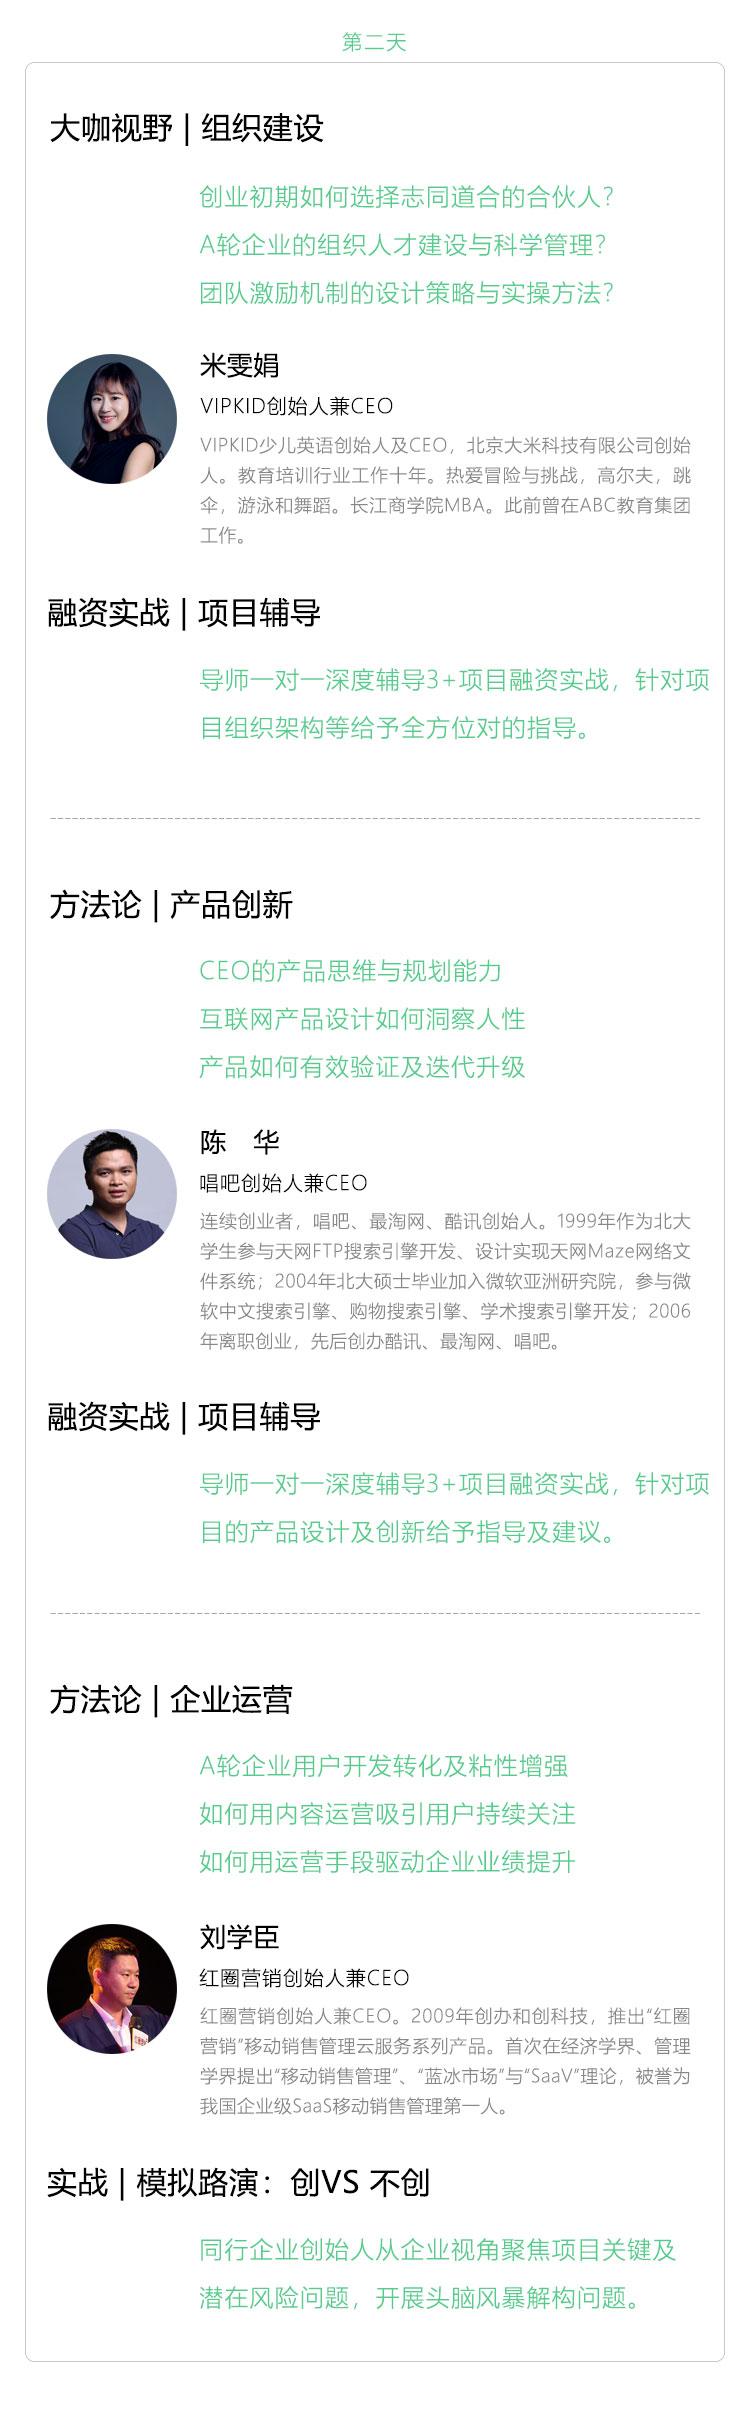 北京营3期内容-课表_05.jpg